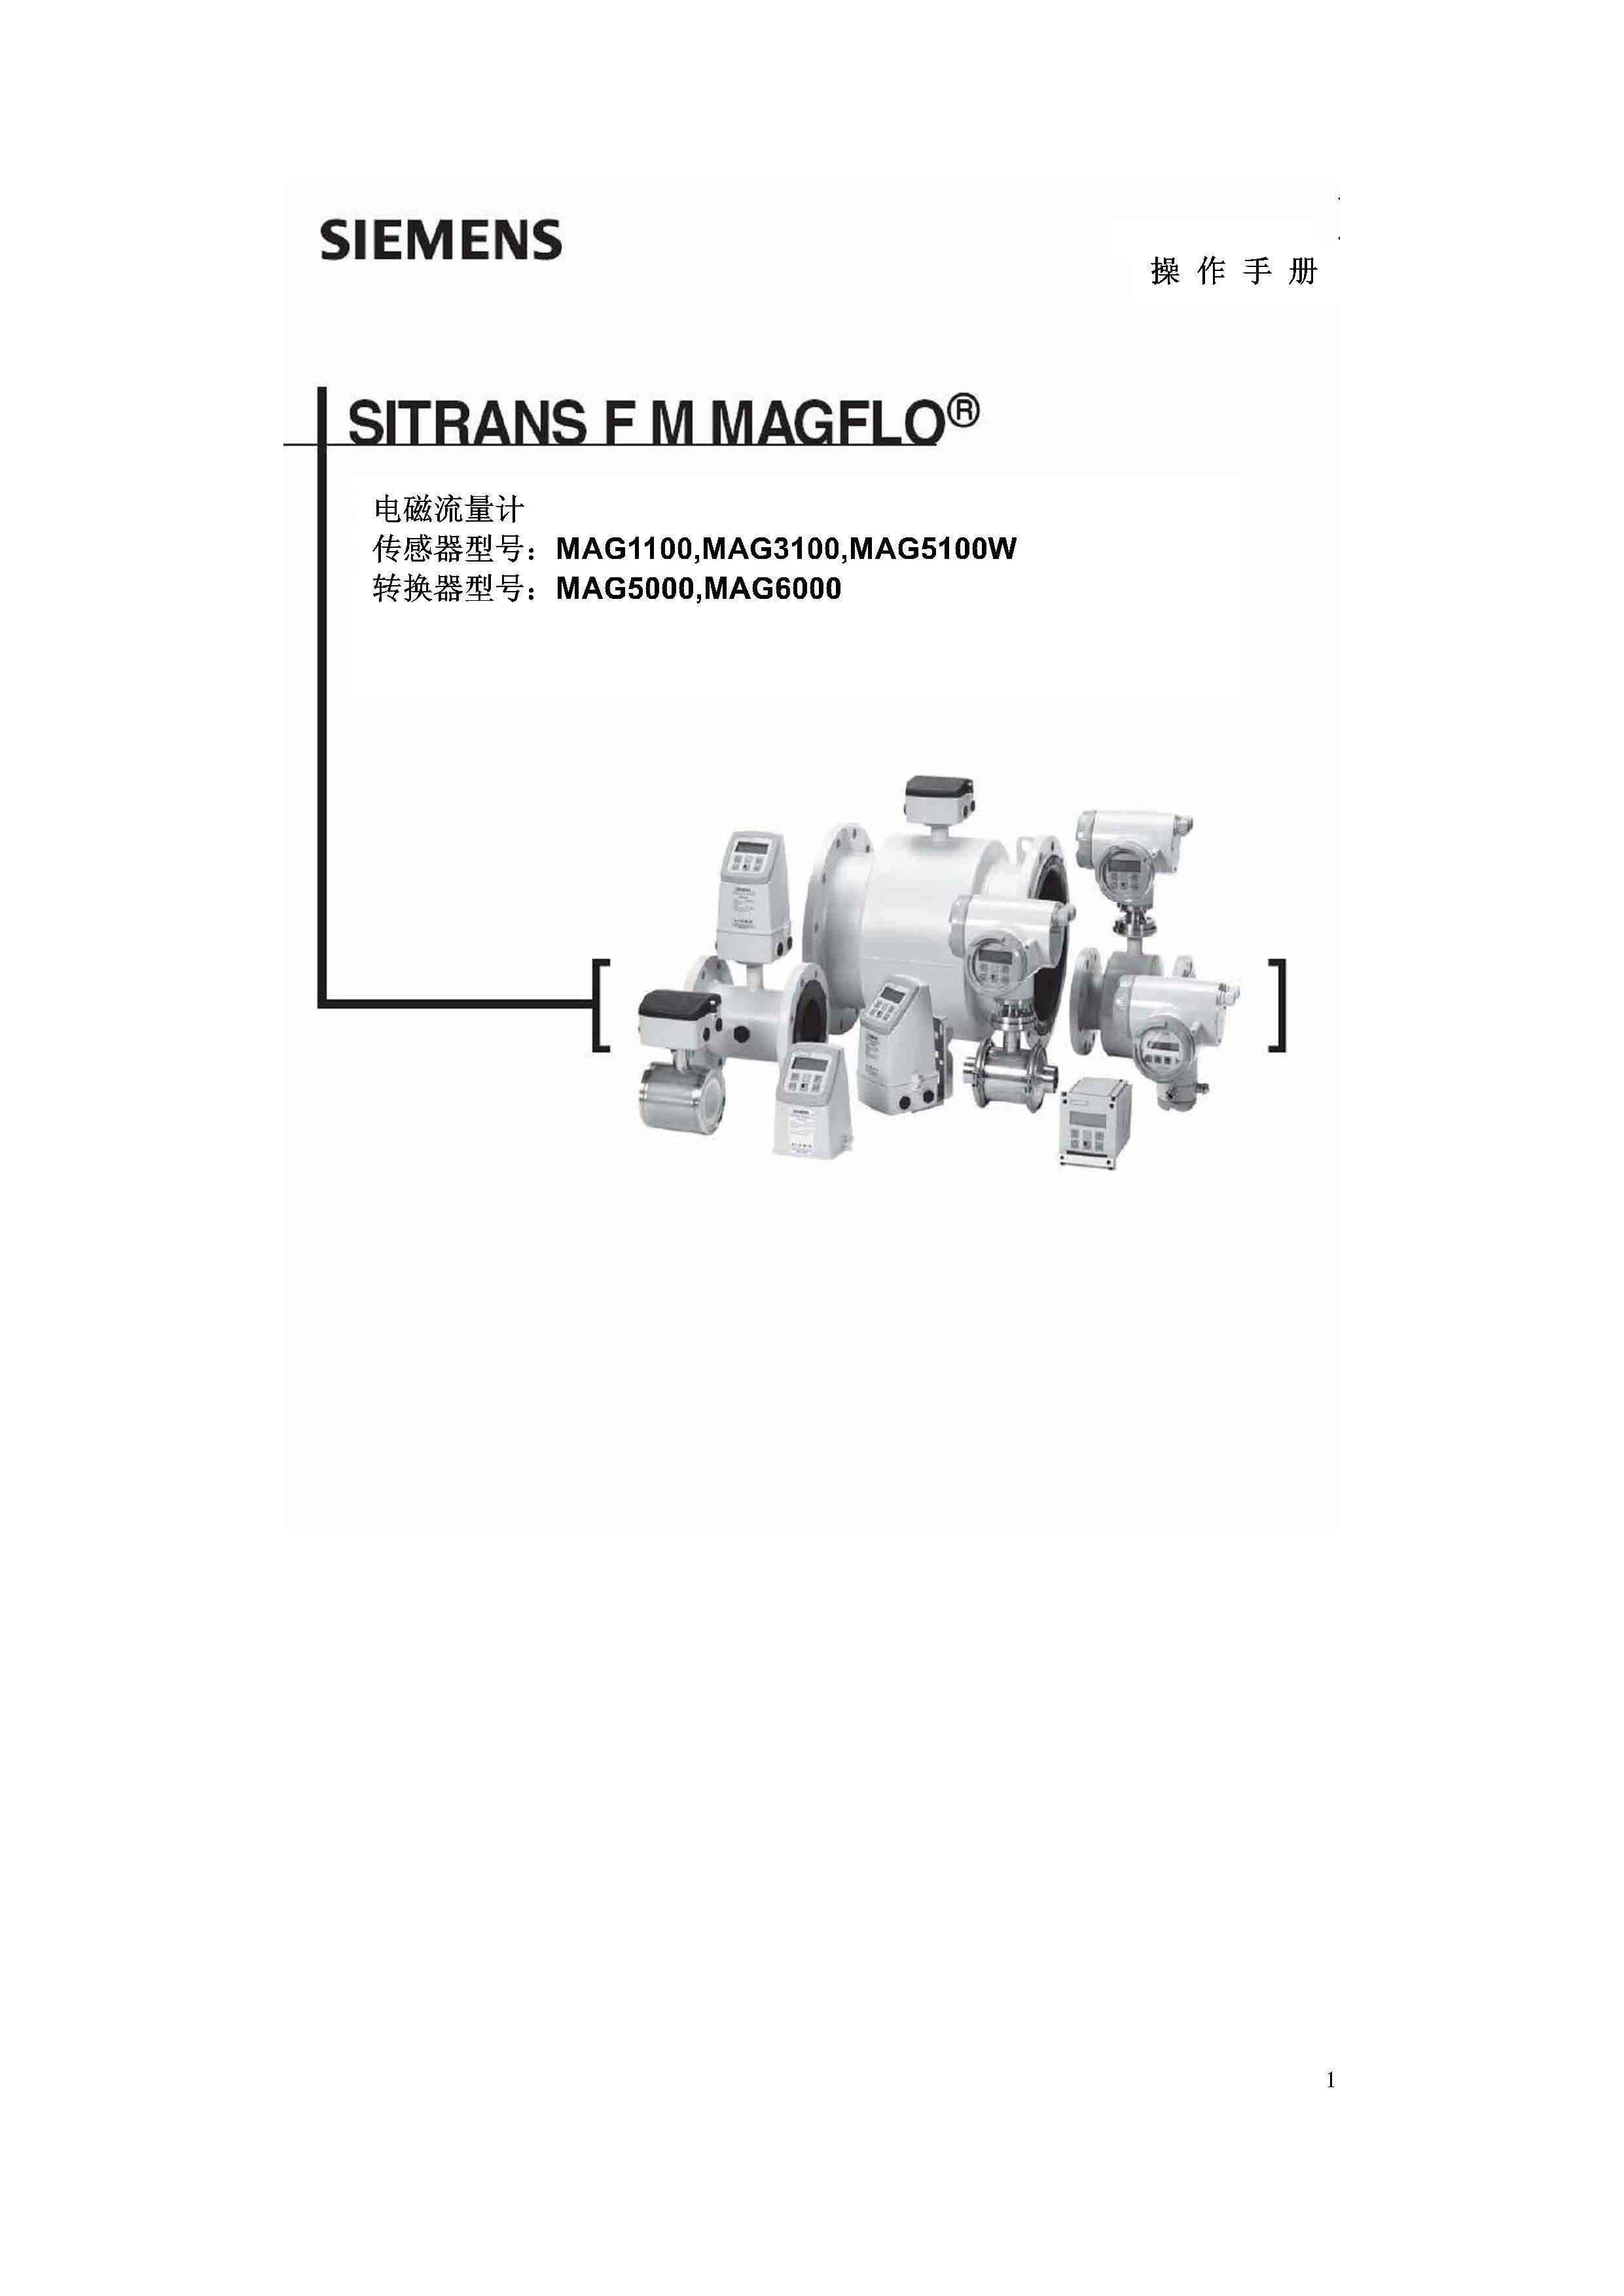 Siemens_西门子电磁流量计 MAG5000